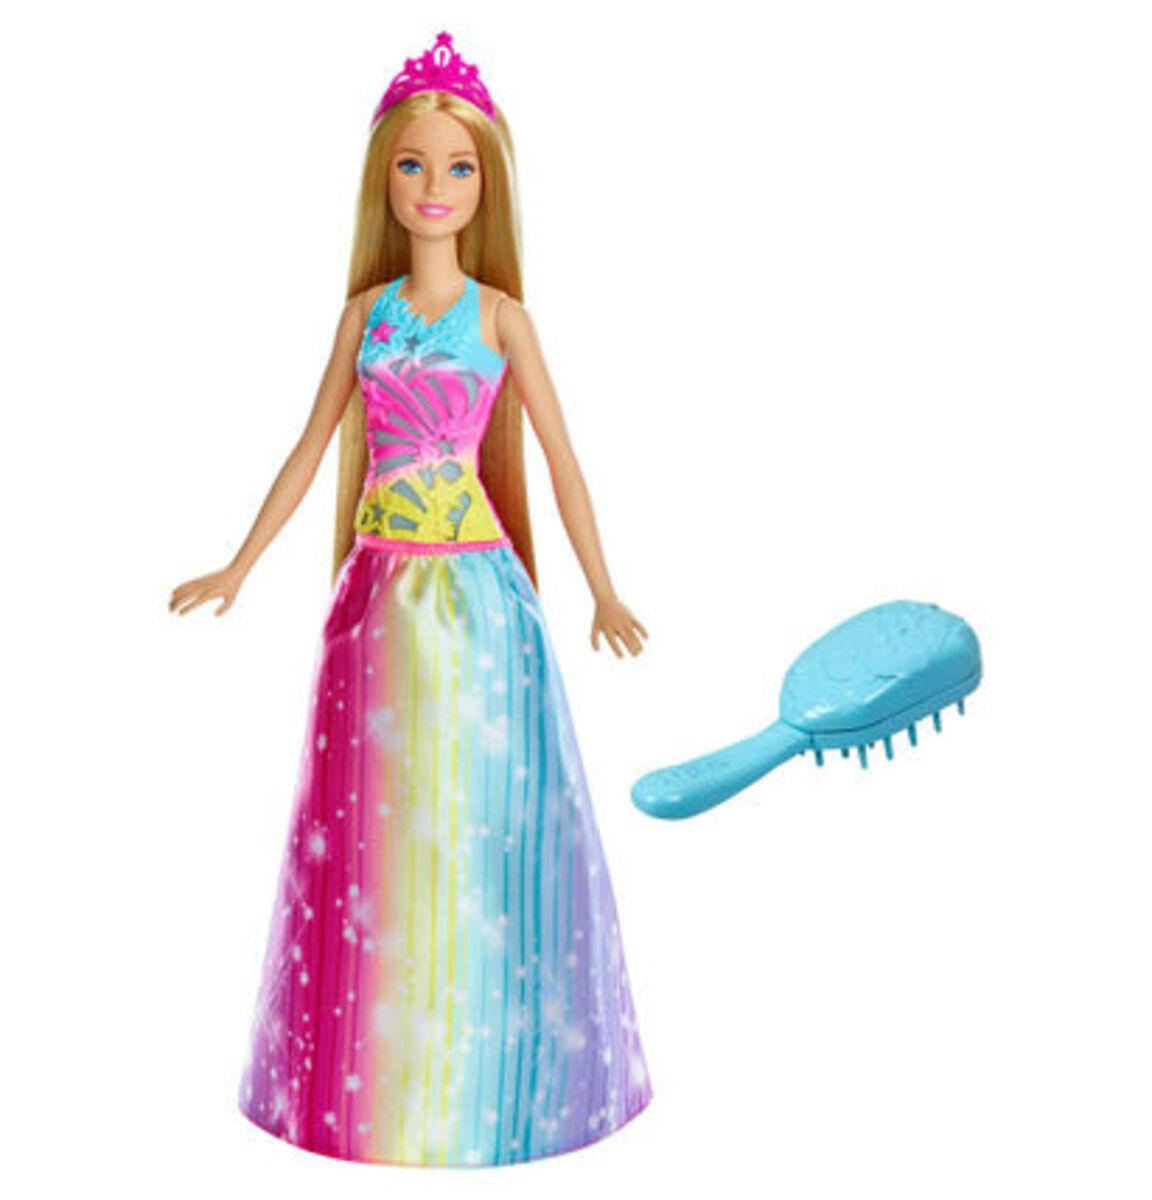 Bild 1 von Barbie Dreamtopia Regenbogen-Königreich Magische Haarspiel-Prinzessin (blond)